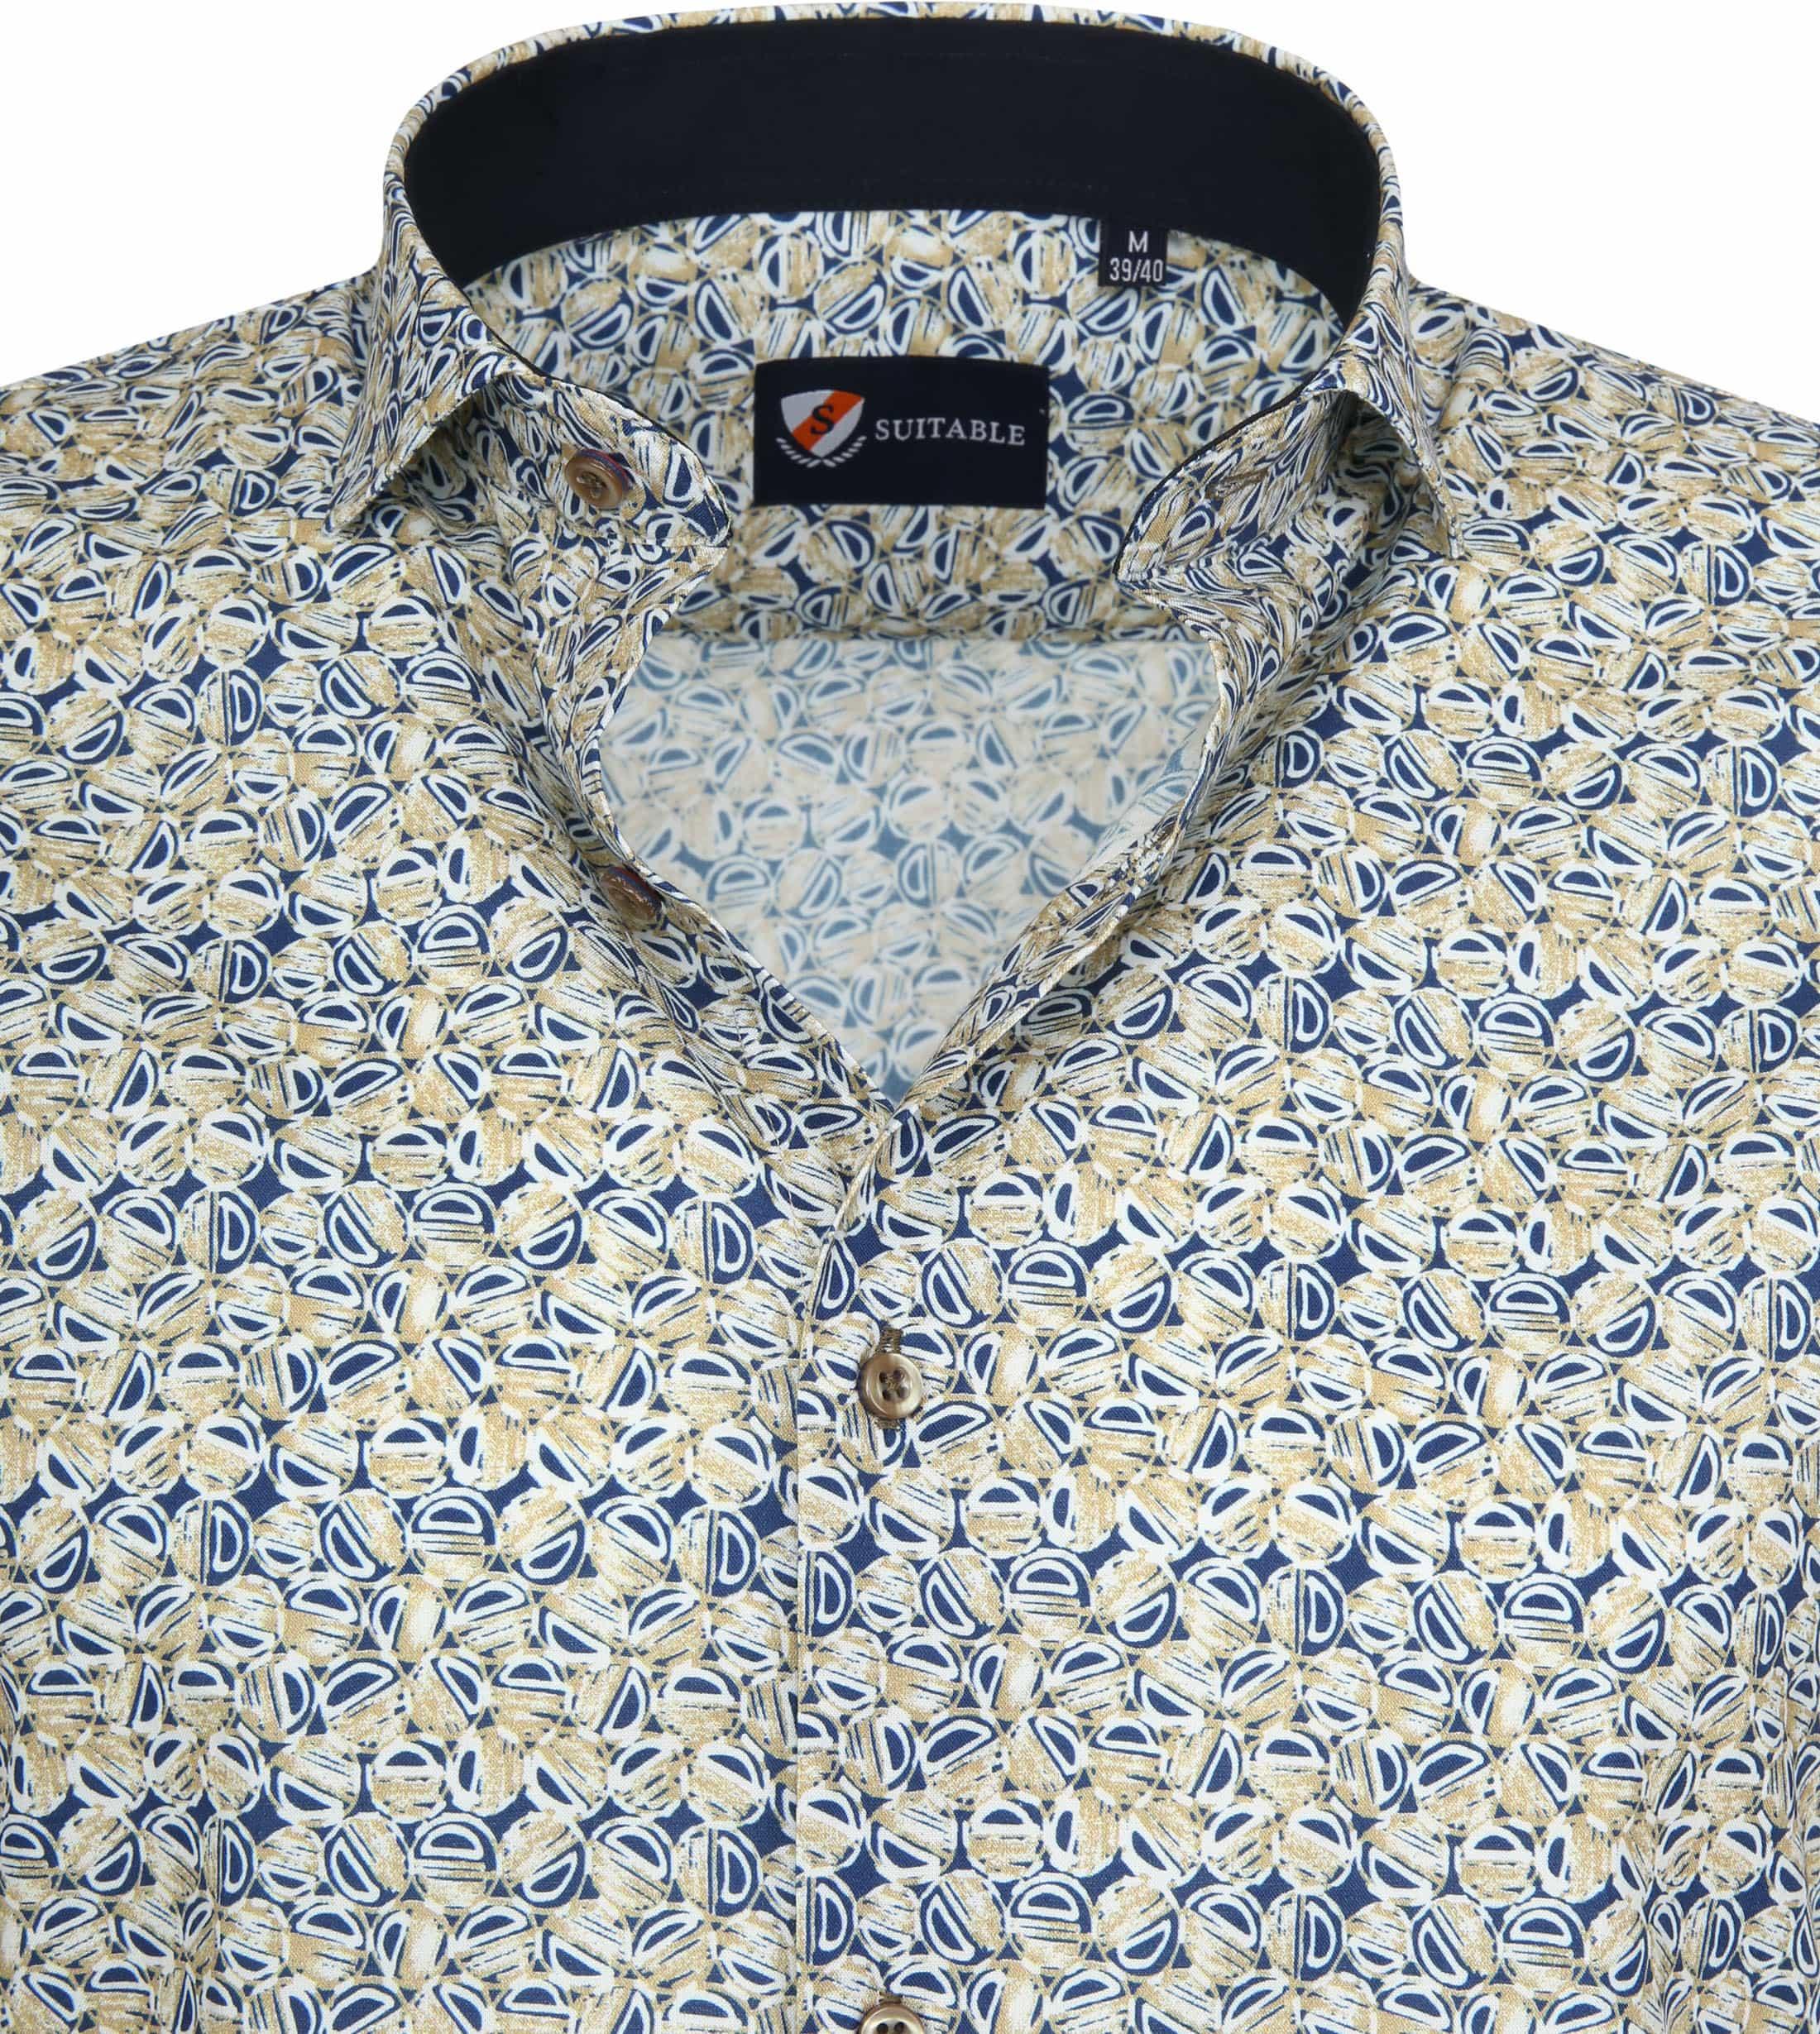 Suitable Overhemd SS Multicolour Print foto 1